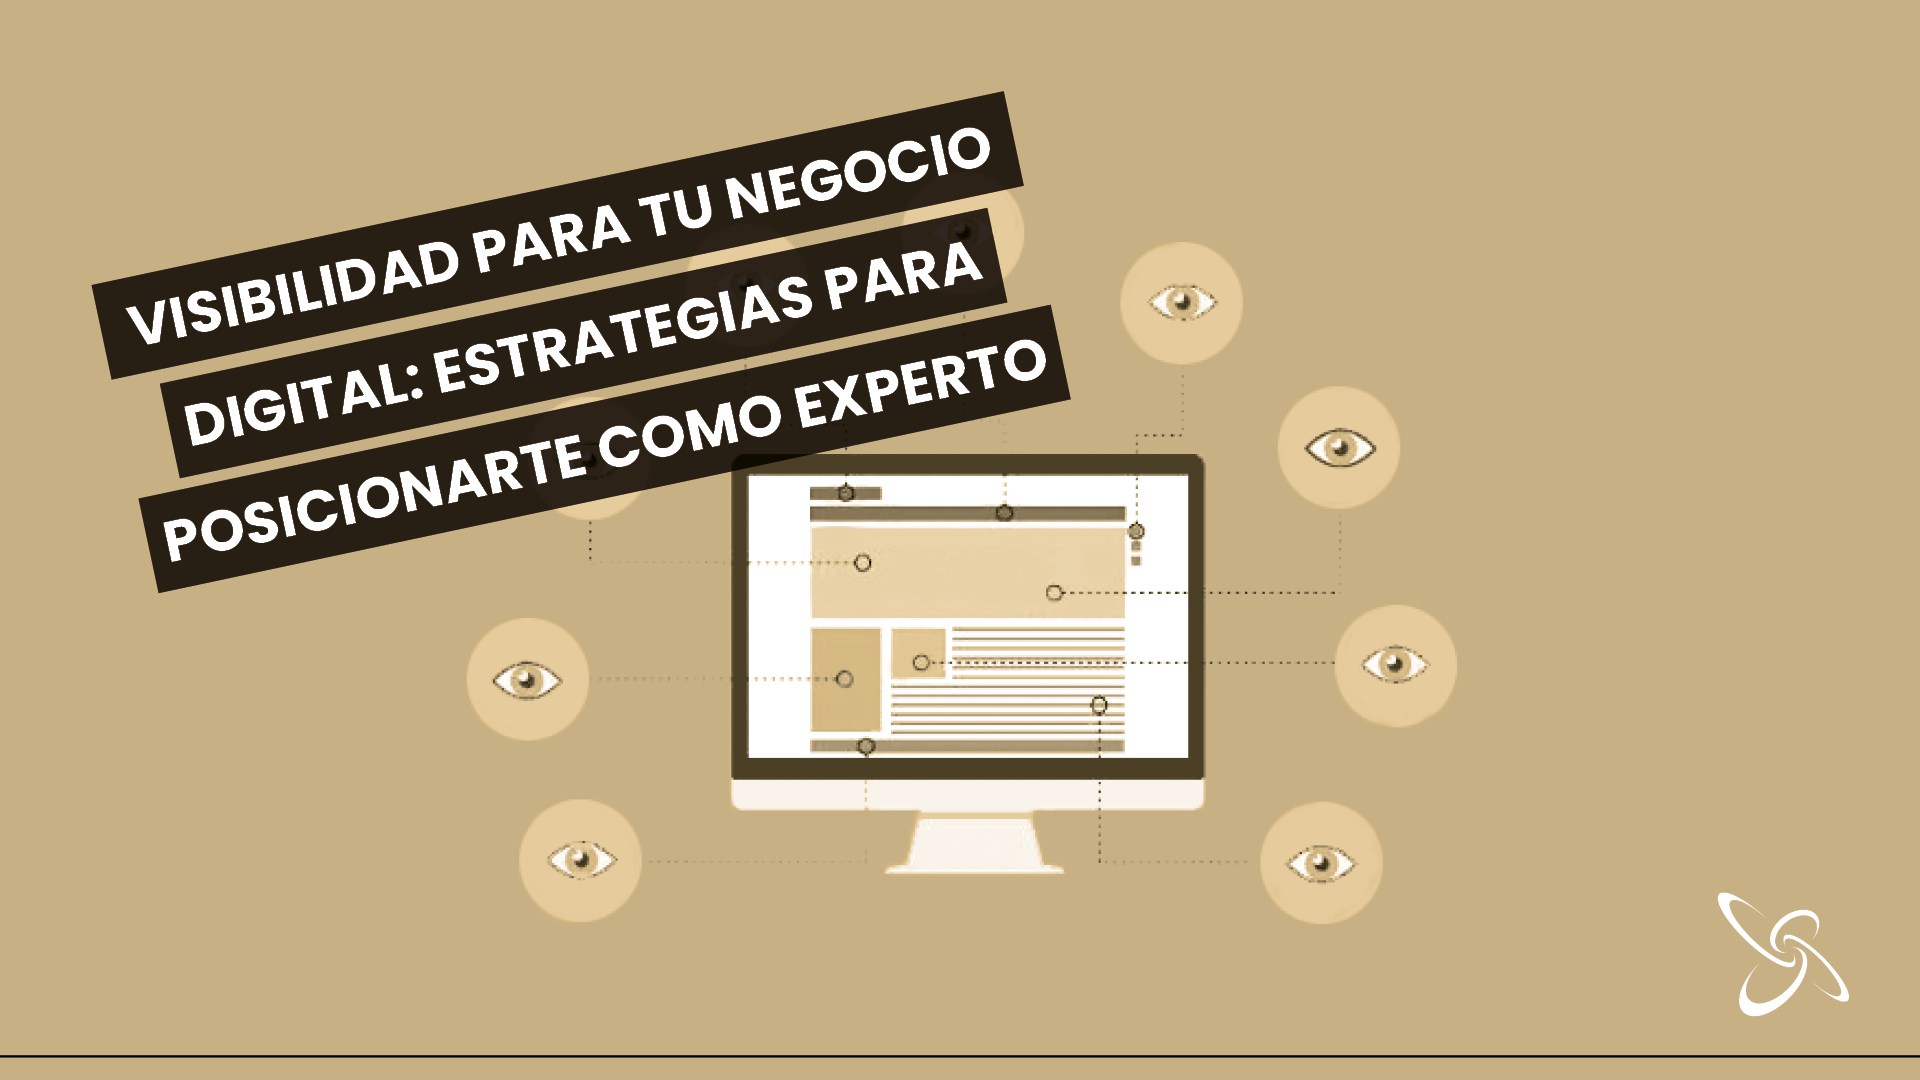 Visibilidad para tu negocio digital: estrategias para posicionarte como un experto